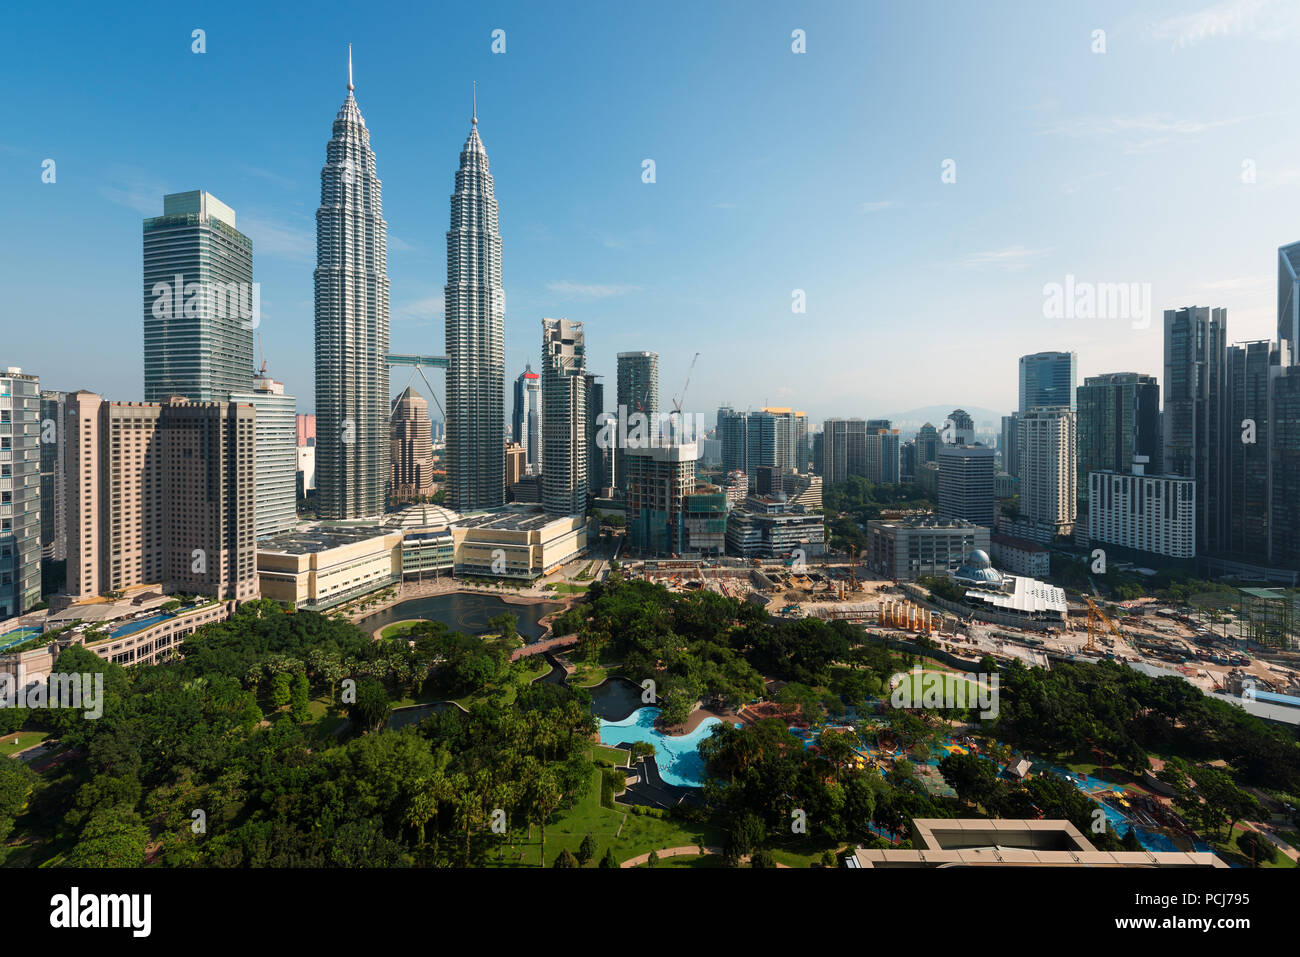 Kuala lumpur skyline in the morning, Malaysia, Kuala lumpur is capital city of Malaysia Stock Photo